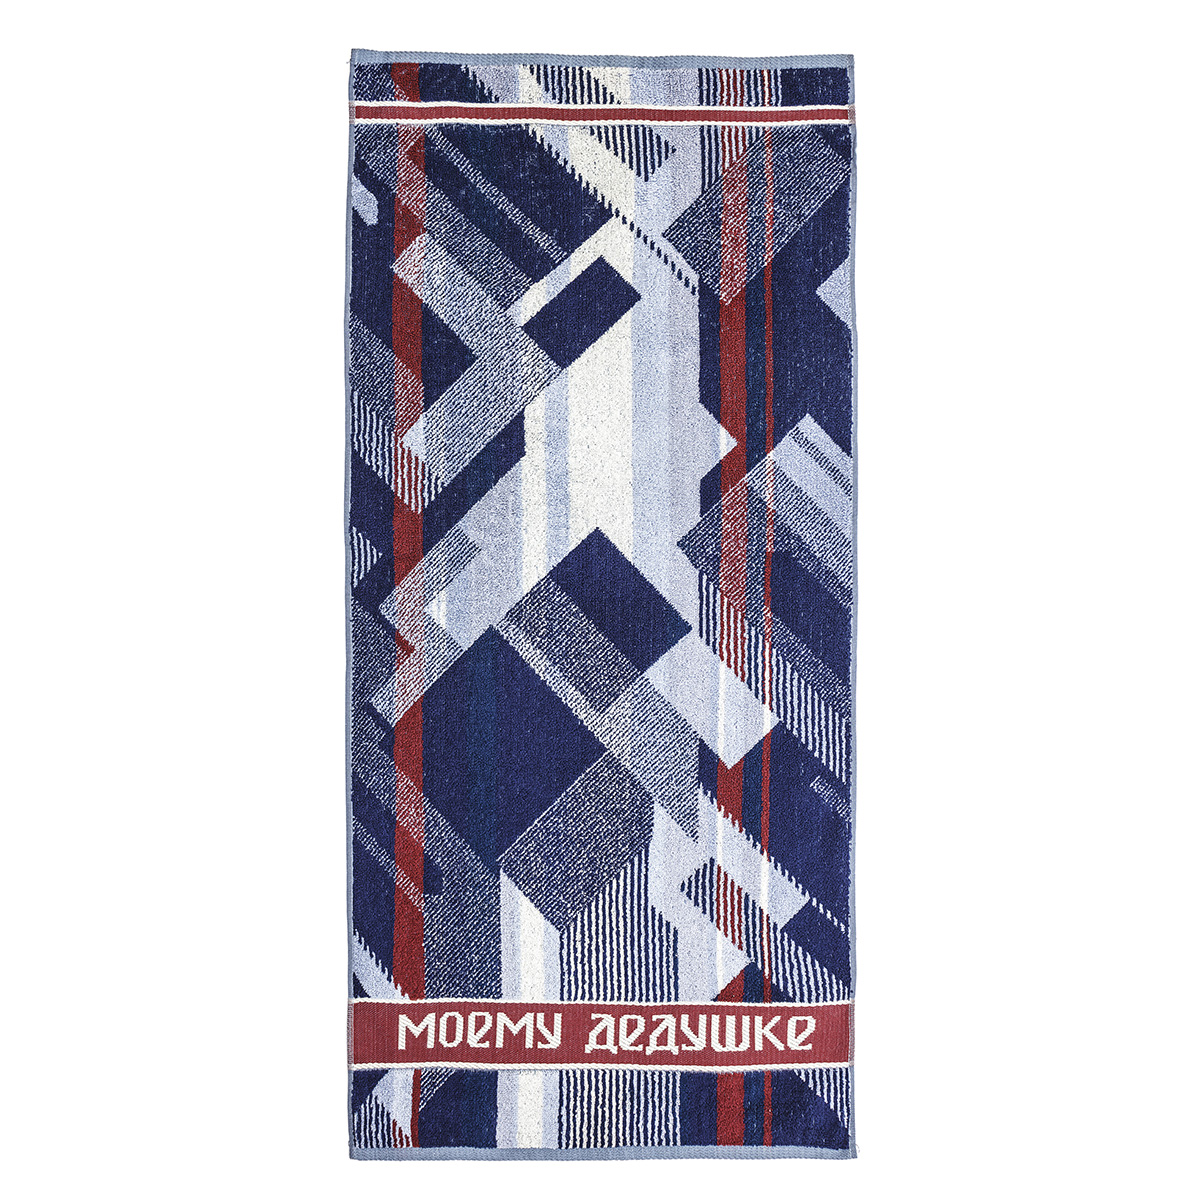 Полотенце Дедушке, размер 50х100 см.Махровые полотенца<br>Плотность ткани: 420 г/кв. м<br><br>Тип: Полотенце<br>Размер: 50х100<br>Материал: Махра